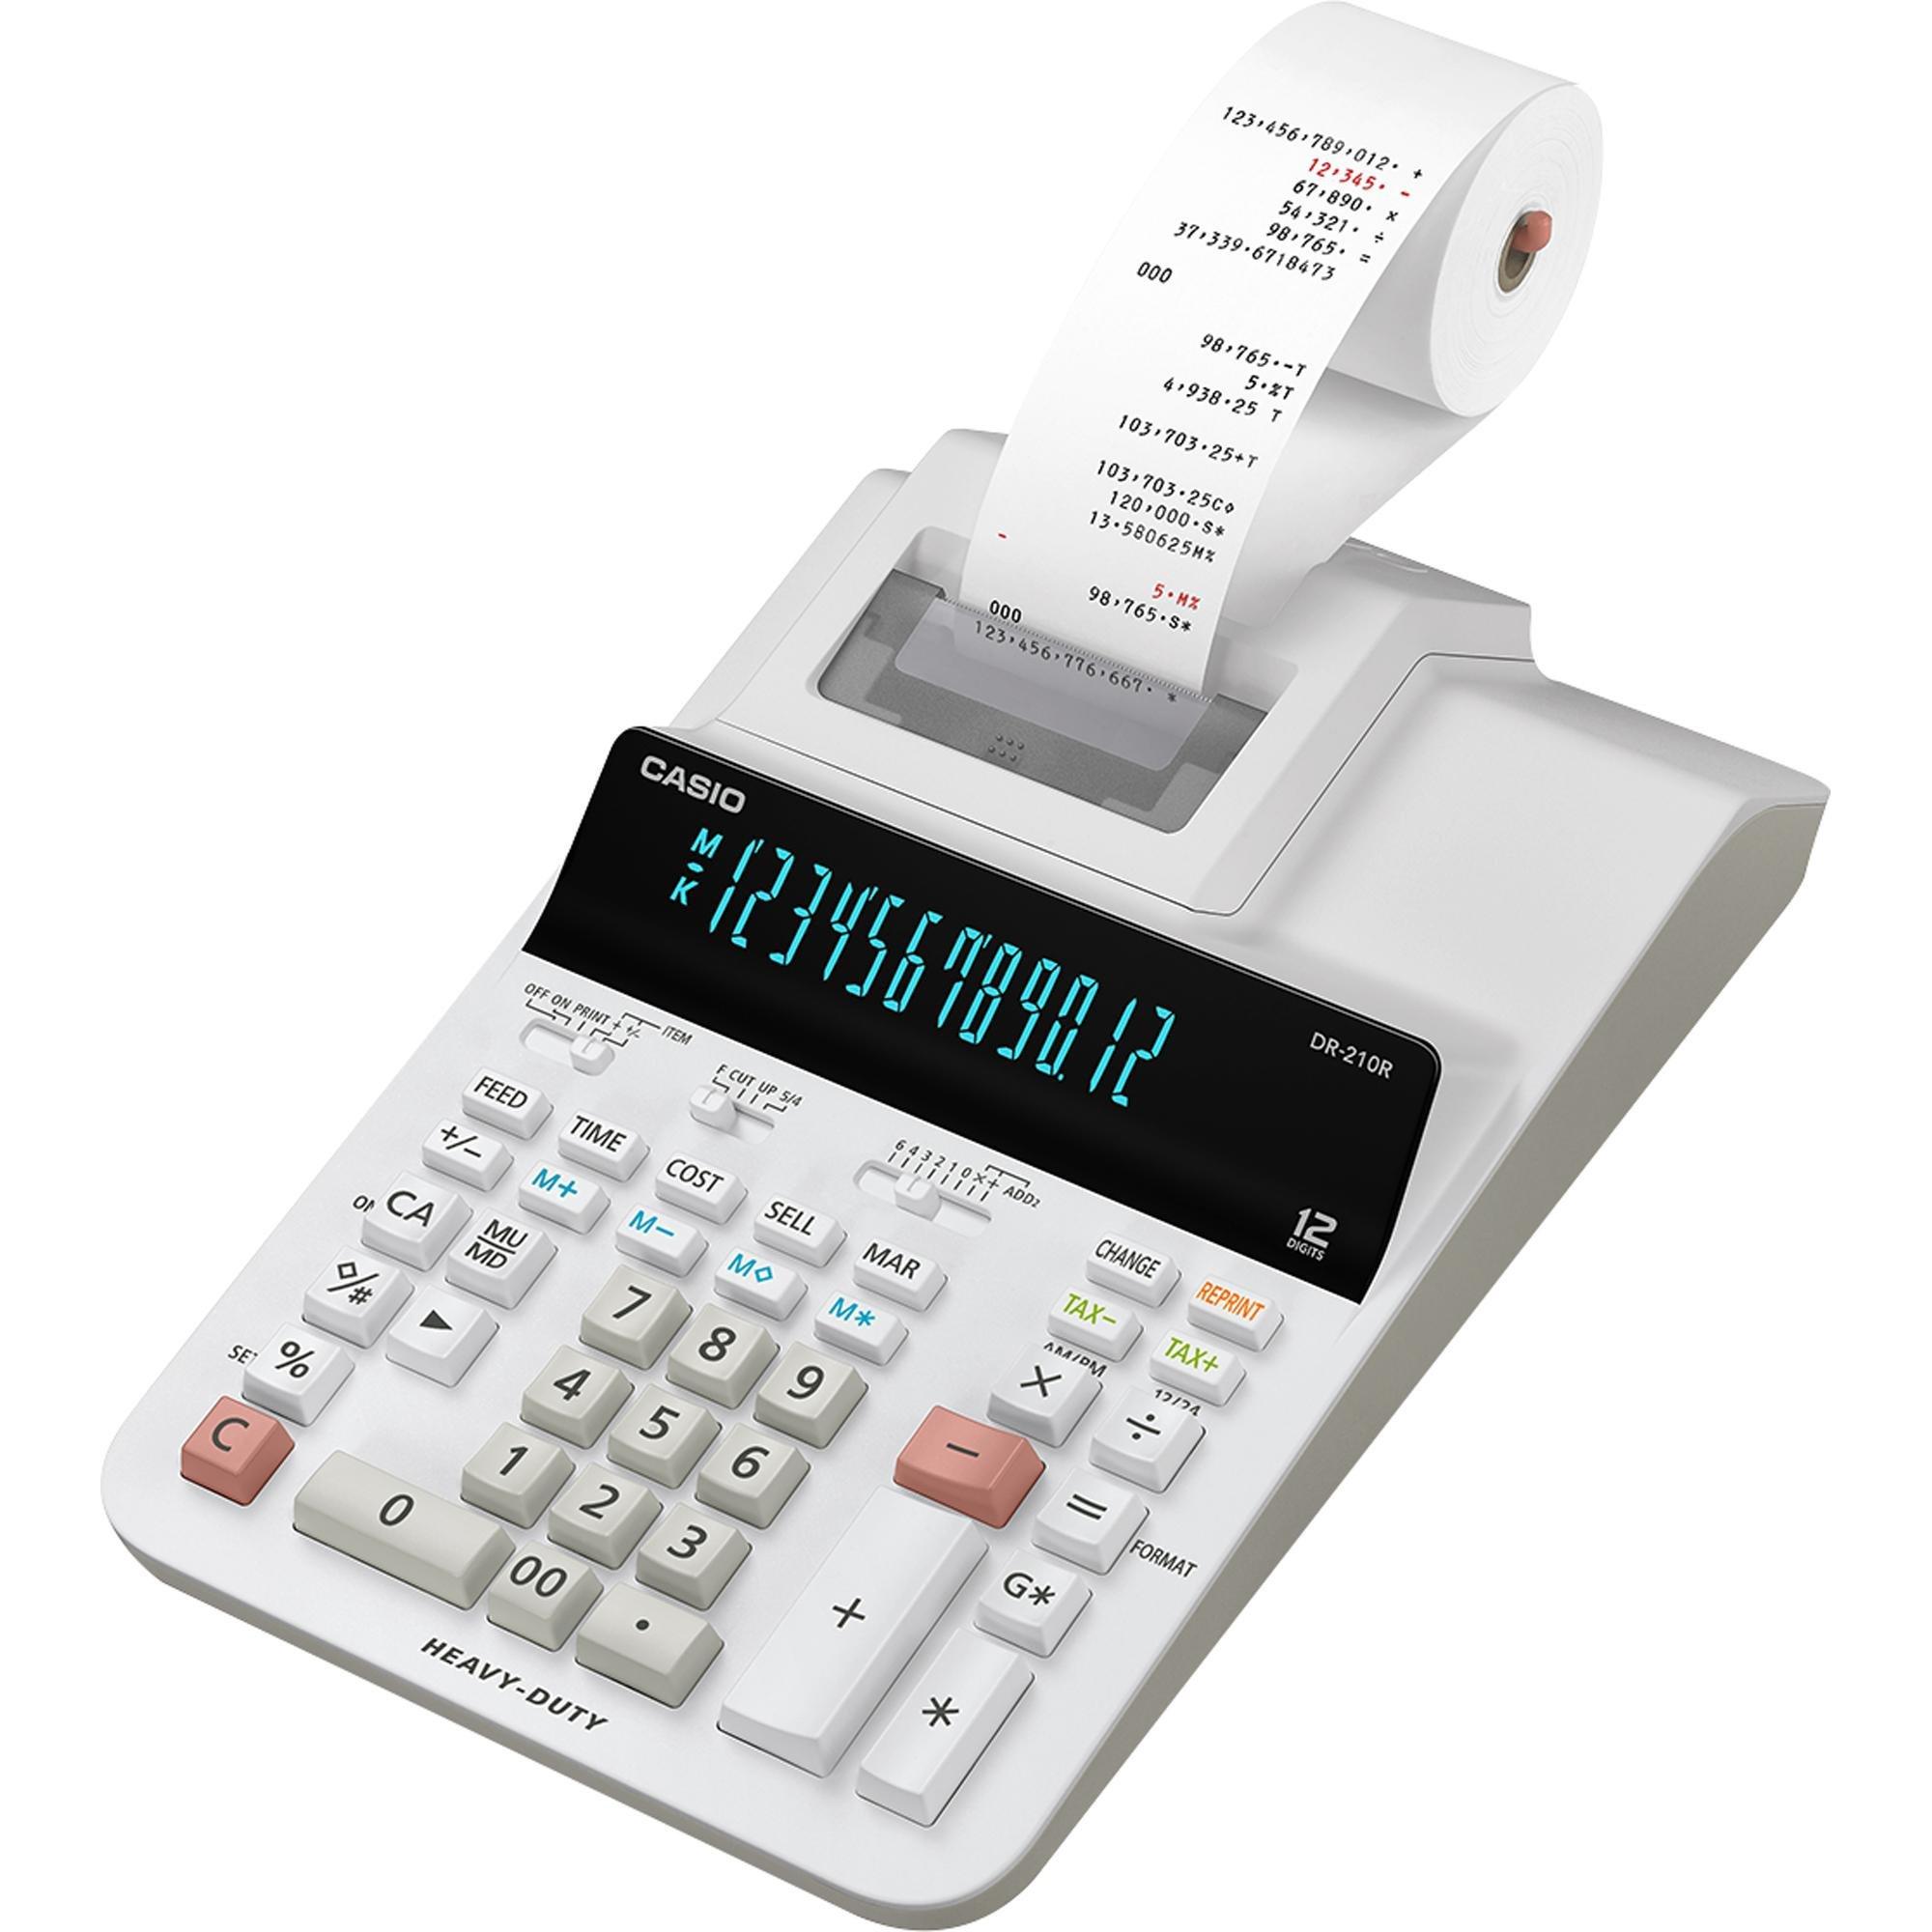 calculadora com bobina disponivel somente aqui dr 210r we casio 48111 2000 198793